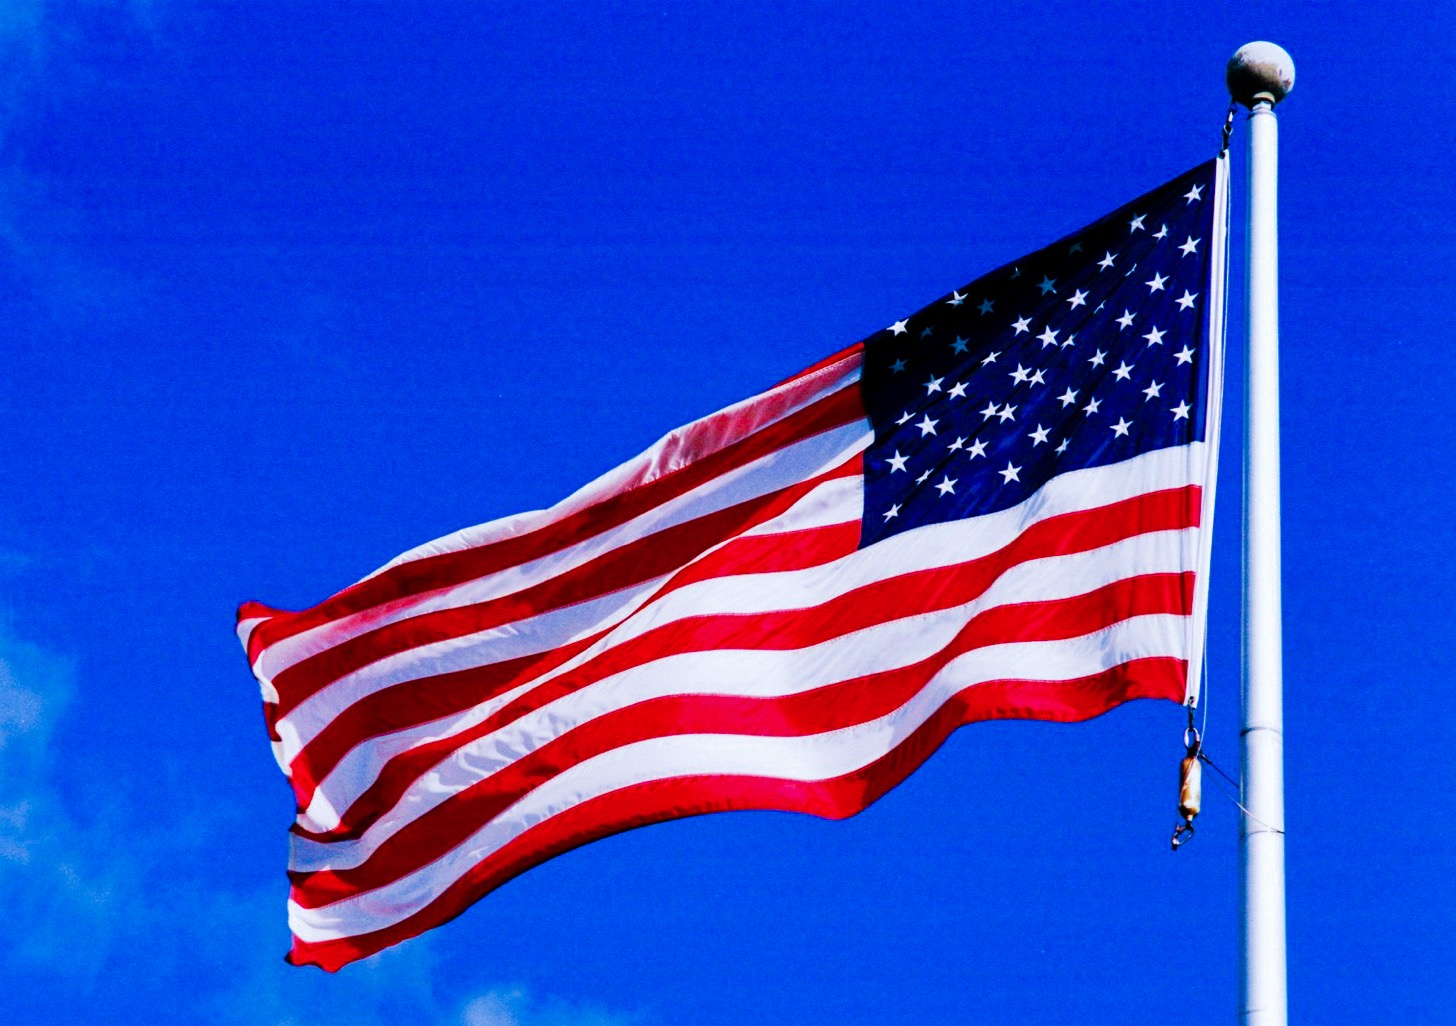 アメリカはなぜ米国と呼ばれるのか?